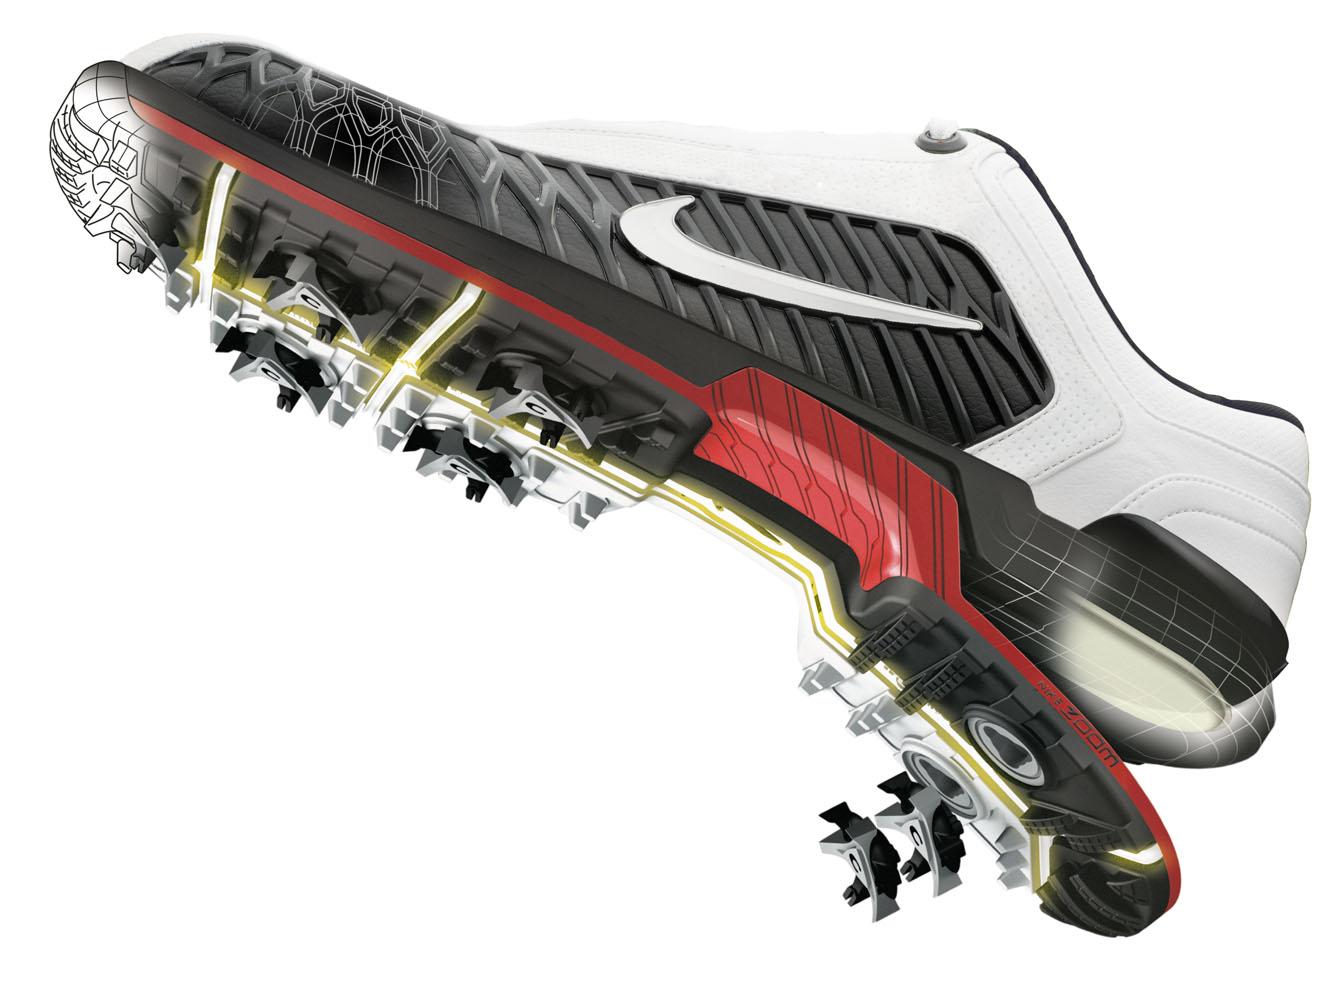 NikeZoomElite.jpg